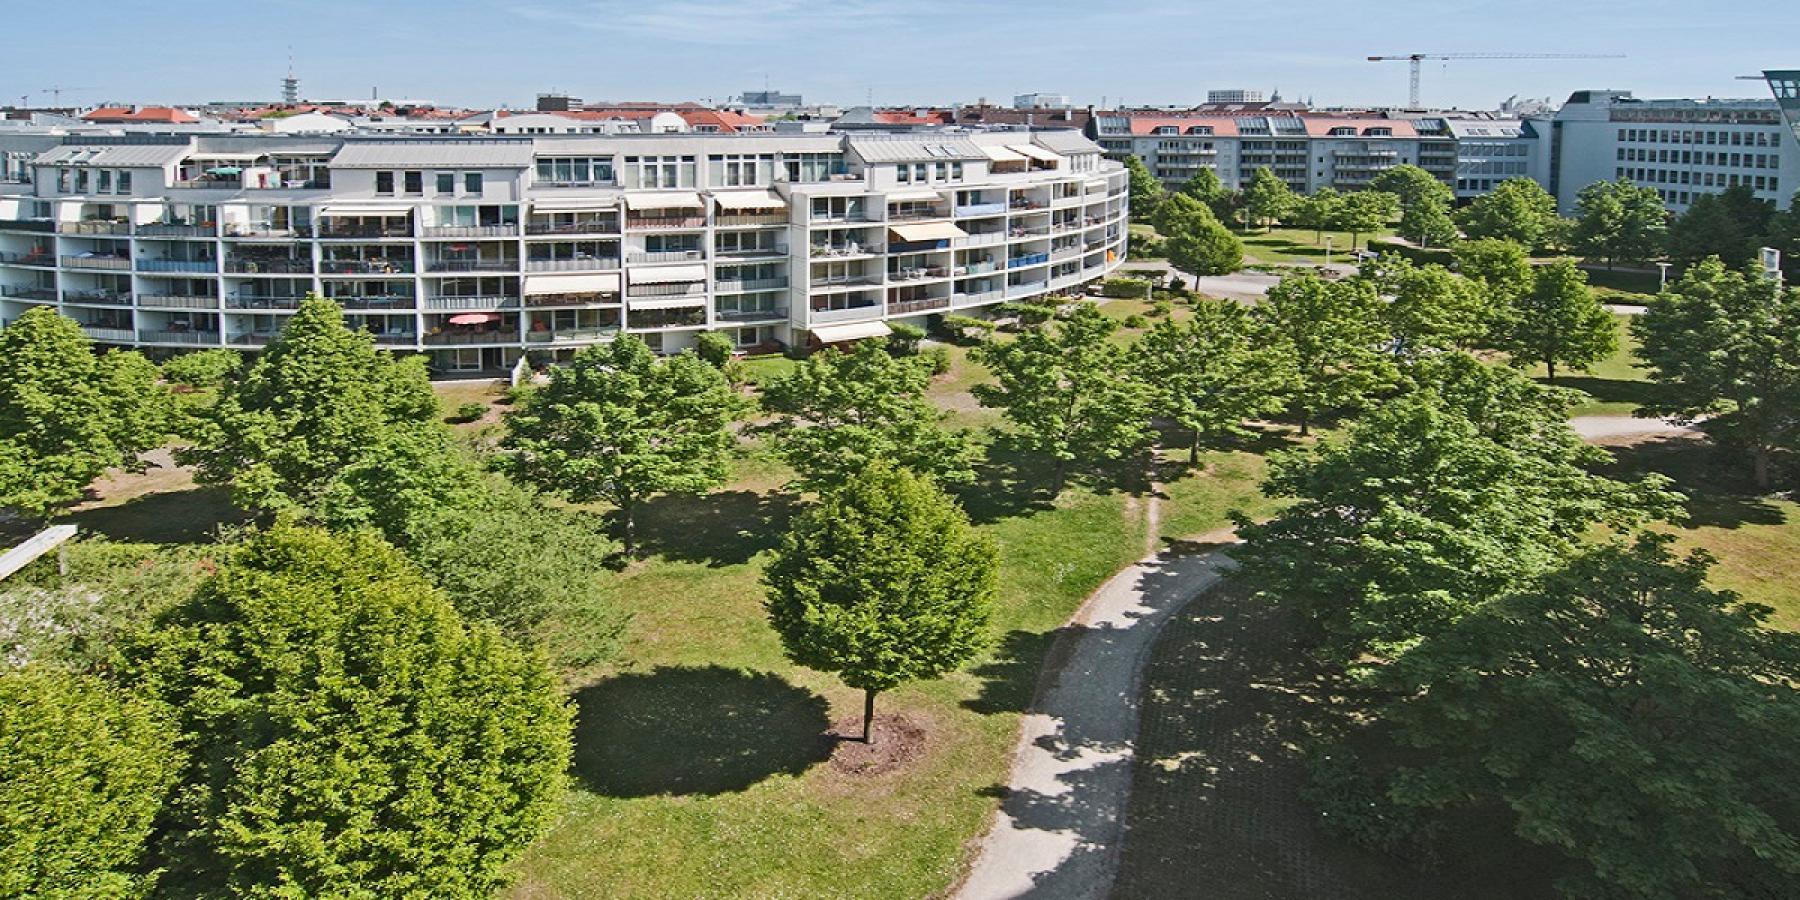 Büro mieten Landshuter Allee 8-10, München (7)